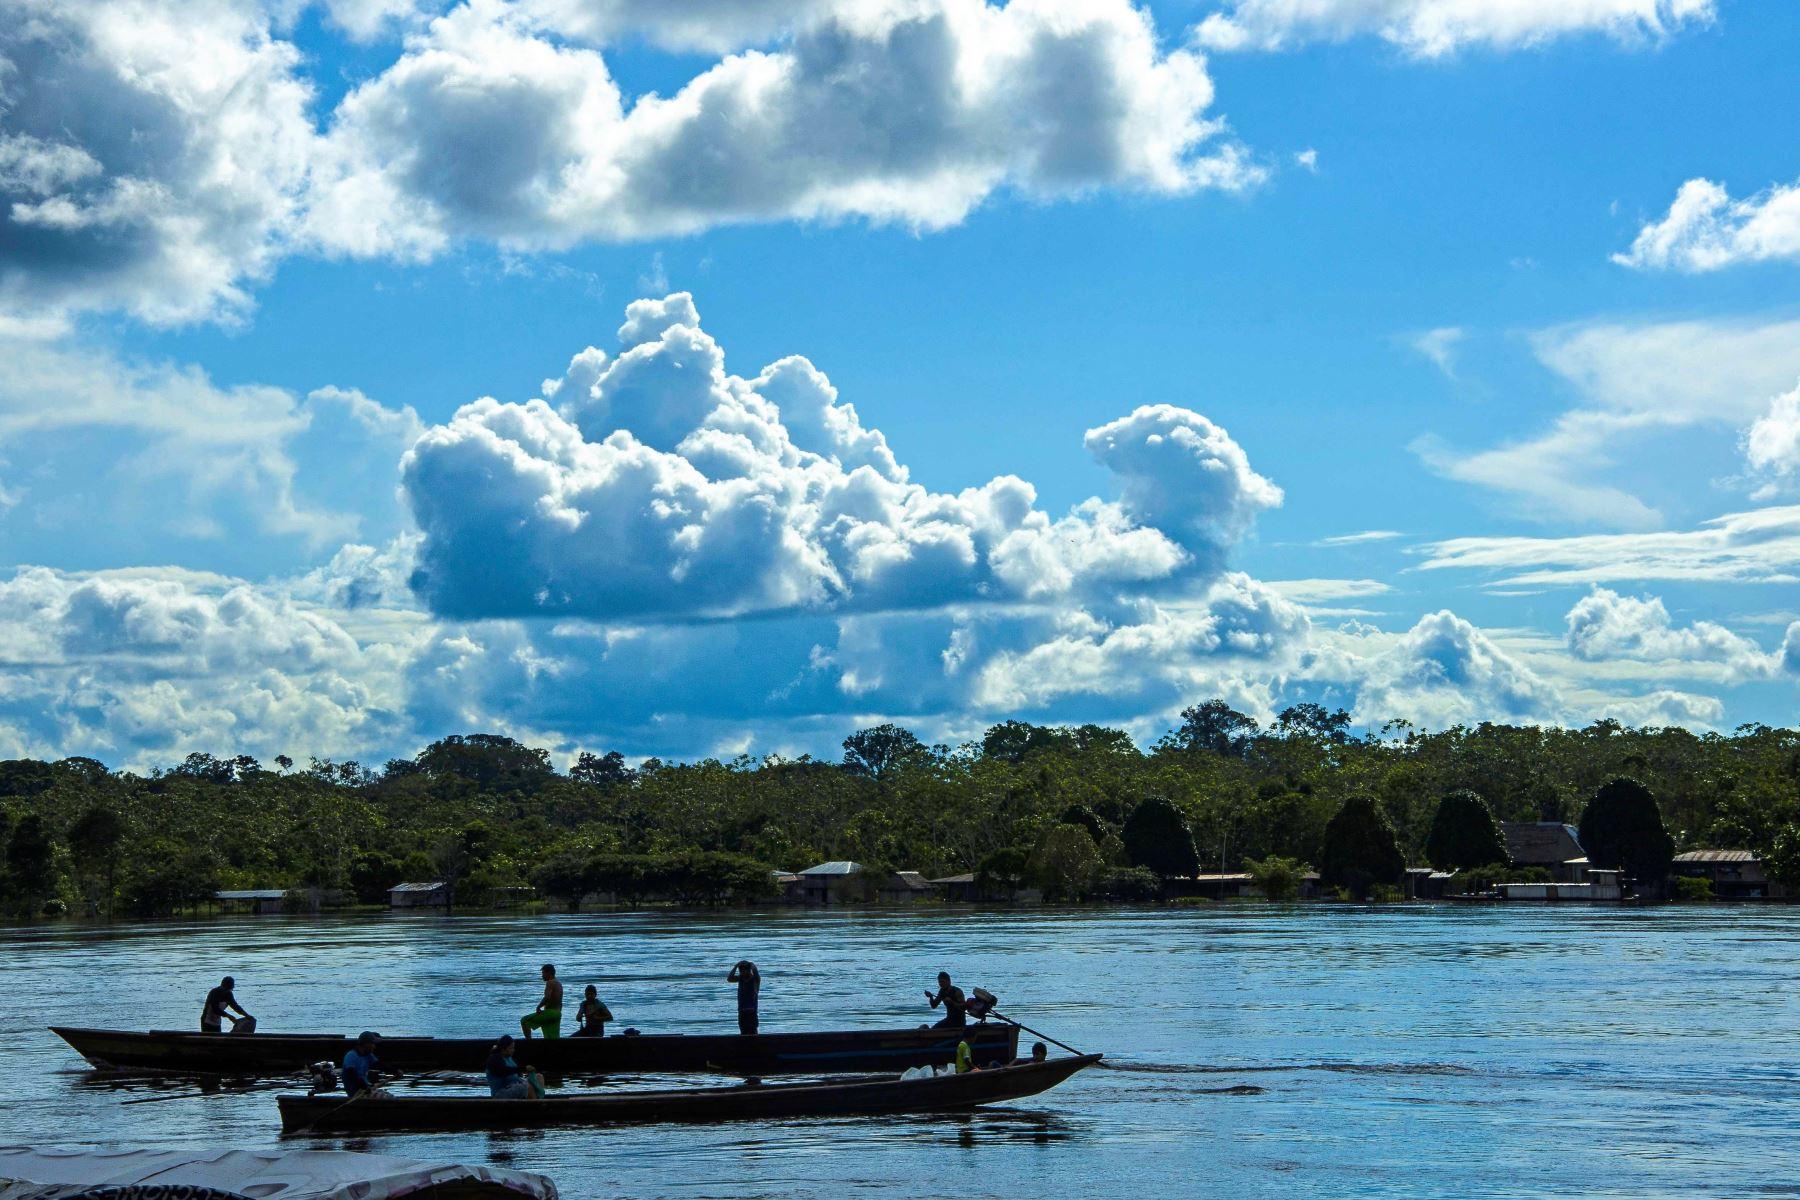 Ministerio del Ambiente oficializa creación del Parque Nacional Yaguas en Loreto. ANDINA/Difusión